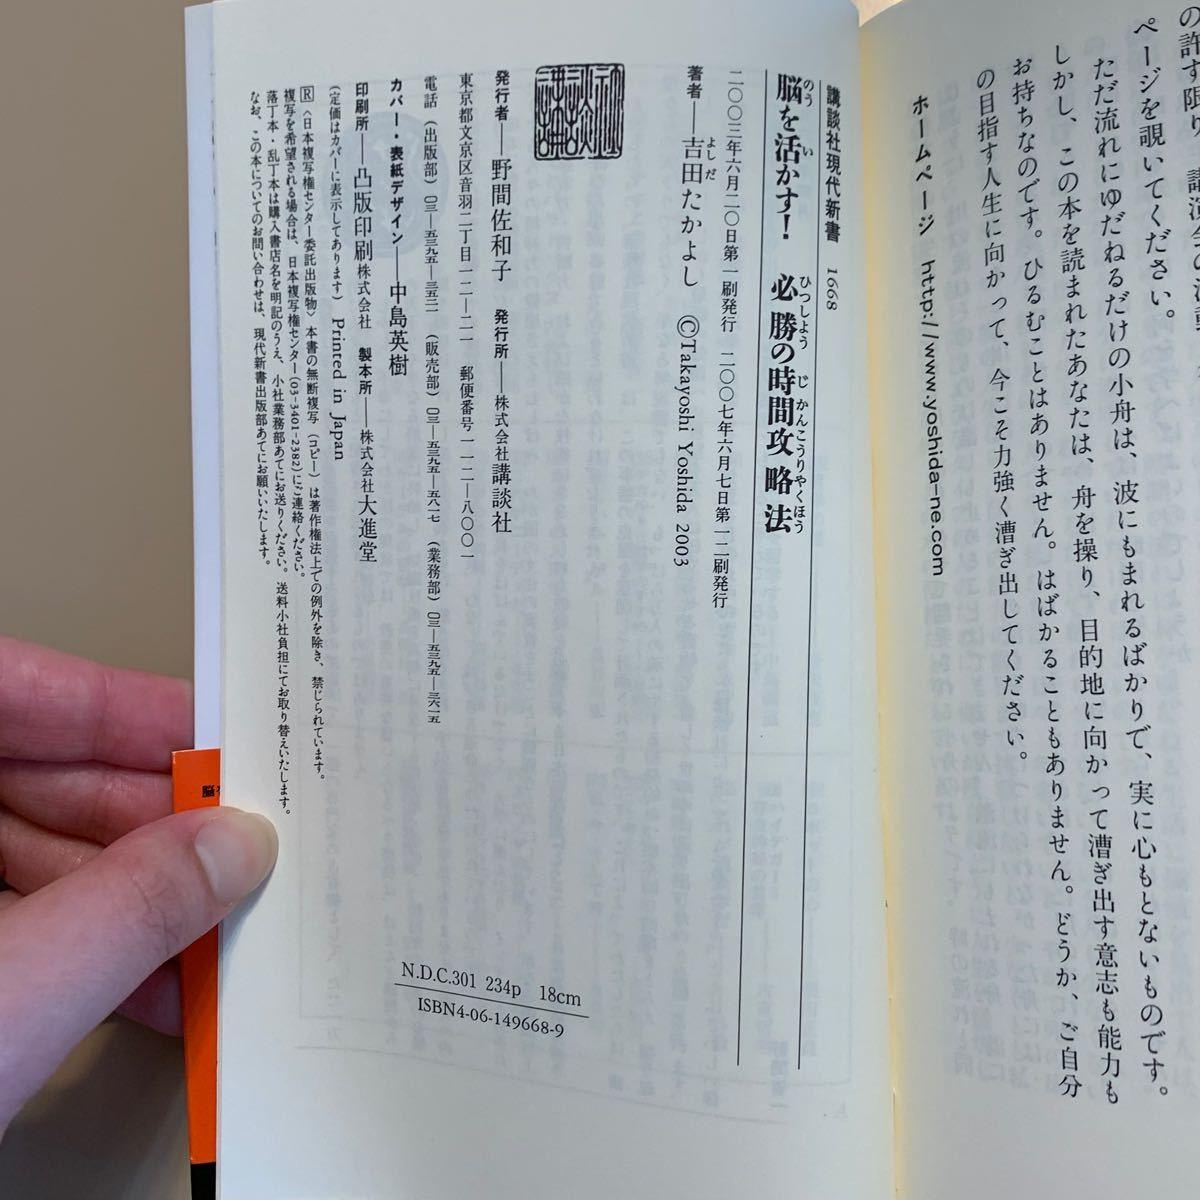 本 効率 自己啓発 ノウハウ 時間攻略法 メソット 新書 教養 吉田たかよし 攻略 工夫 講談社現代新書 時間 ドラゴン桜 帯付き